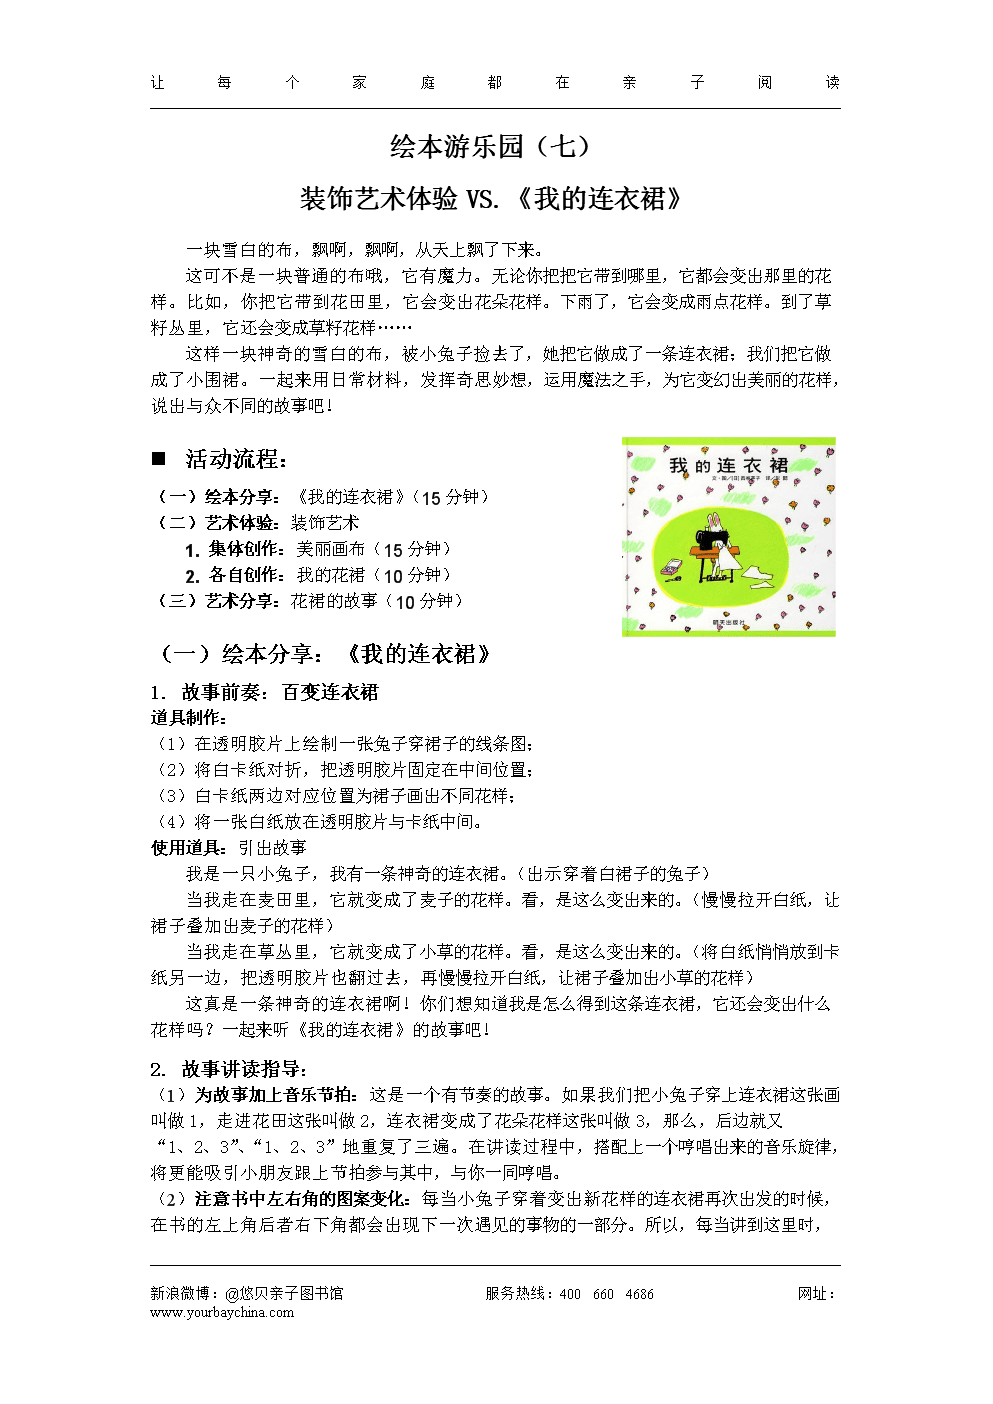 绘本游乐园 活动详案7:我的连衣裙参考文档  资料.doc